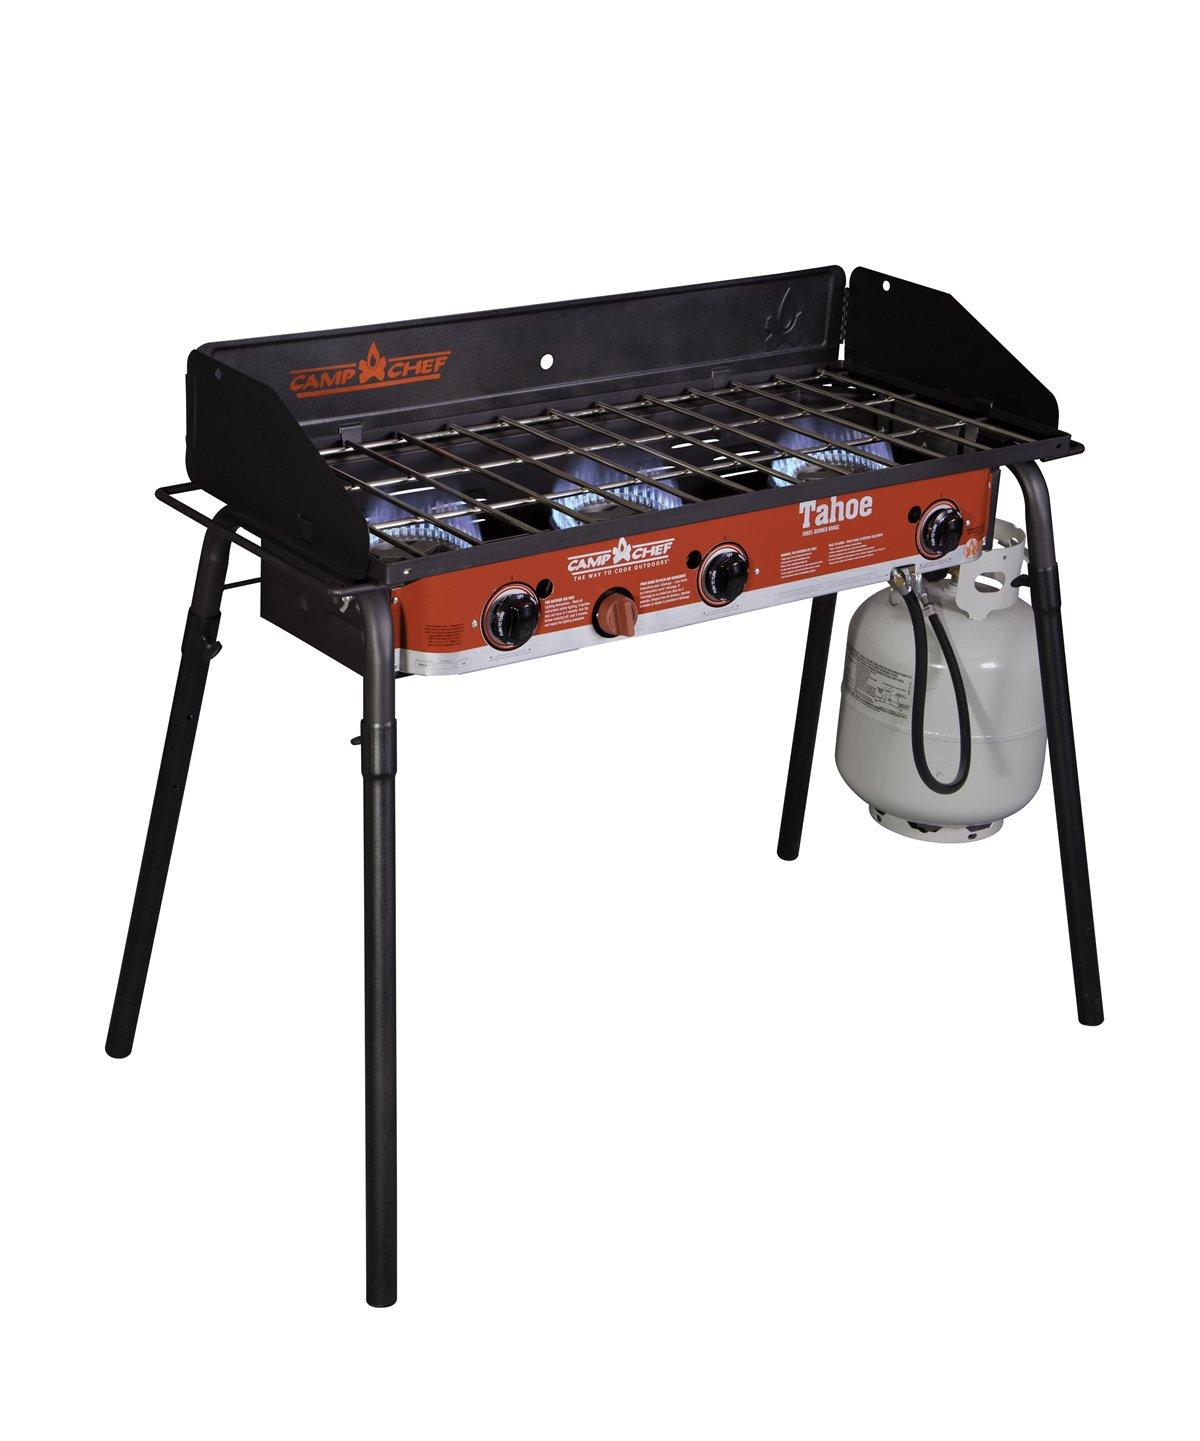 Amazon.com: Camp Chef Tahoe 3, estufa con quemador: Sports ...